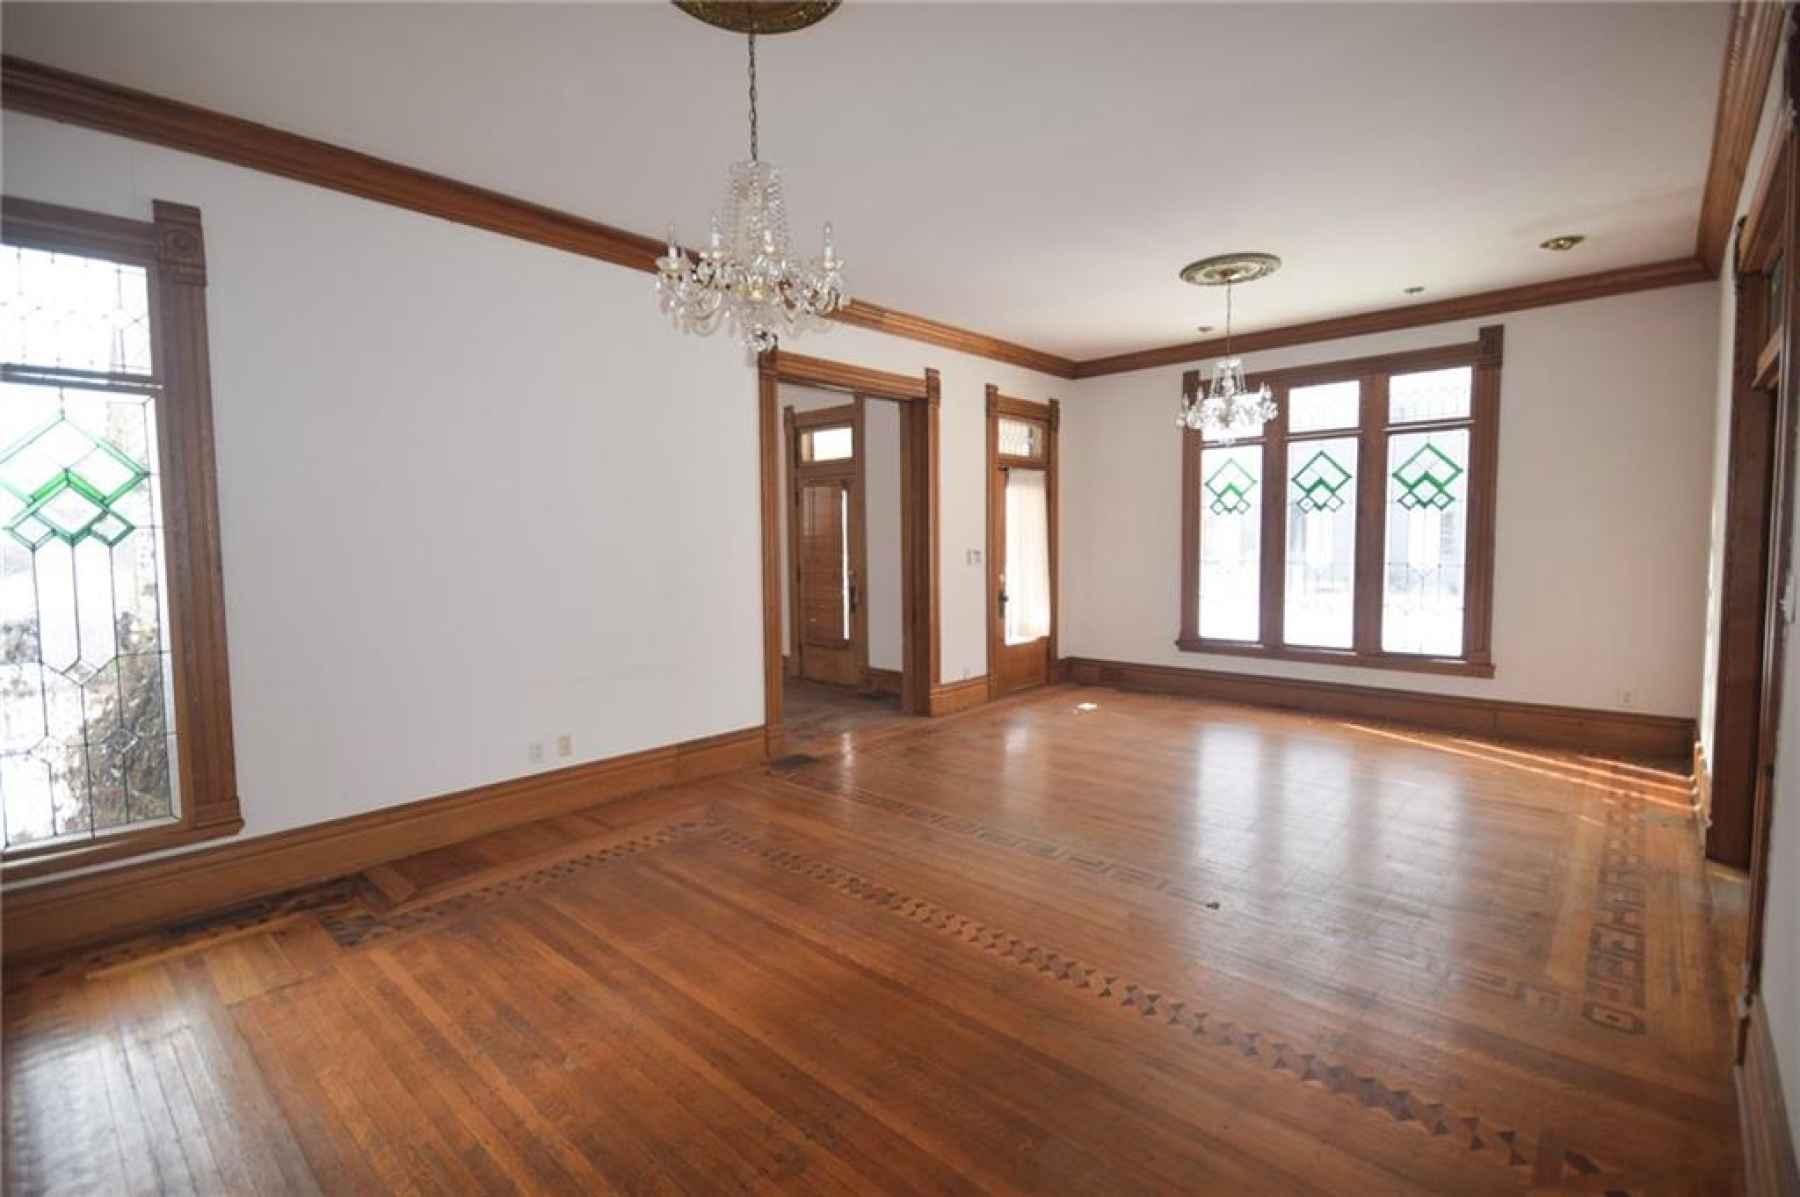 Main floor. Great Room. Front door is on the far right.